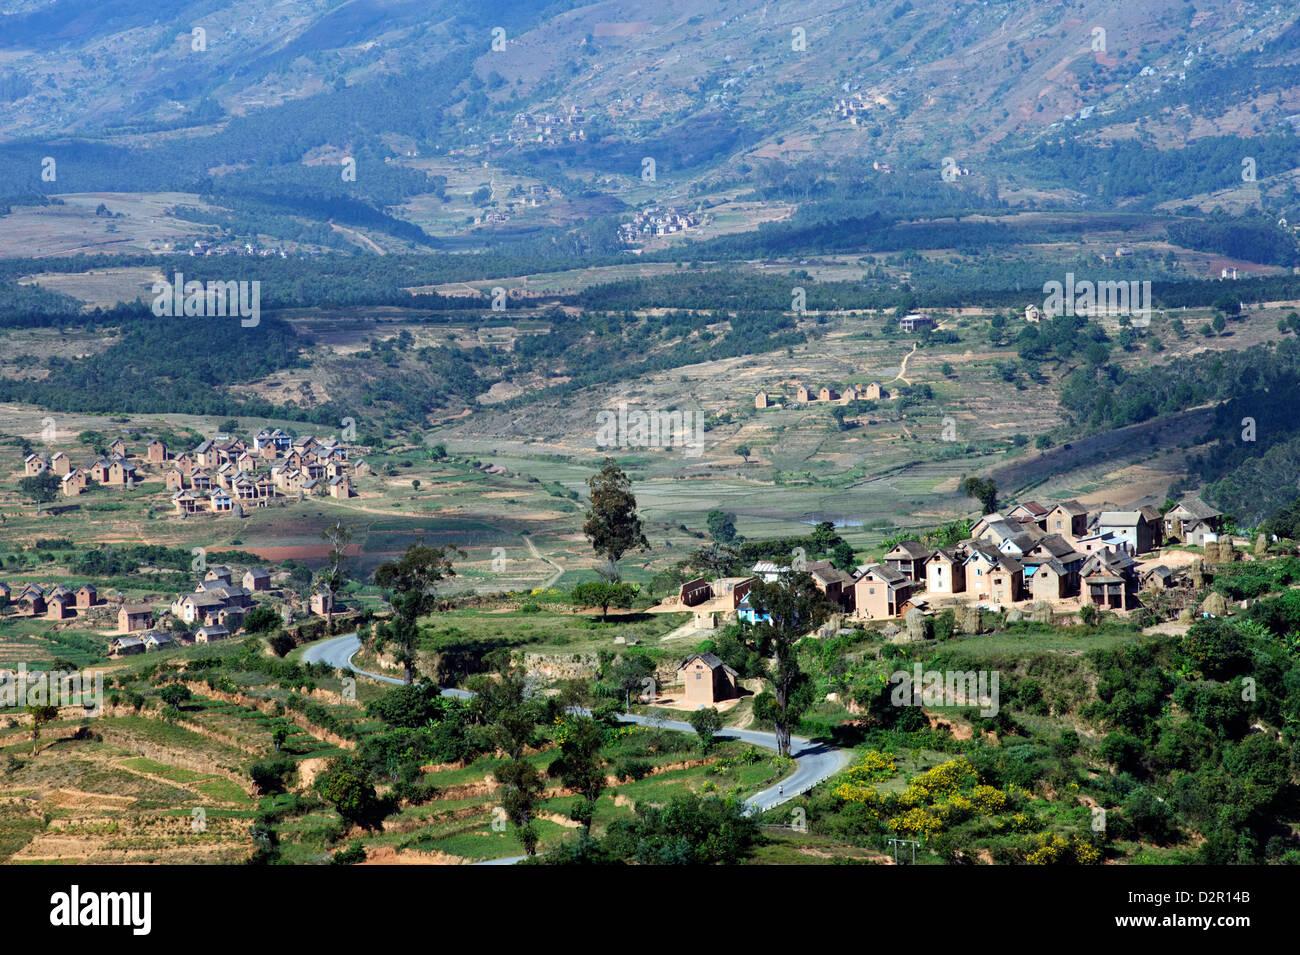 Paysage des hautes terres centrales de la région de l'Ankaratra, Madagascar, Afrique Photo Stock